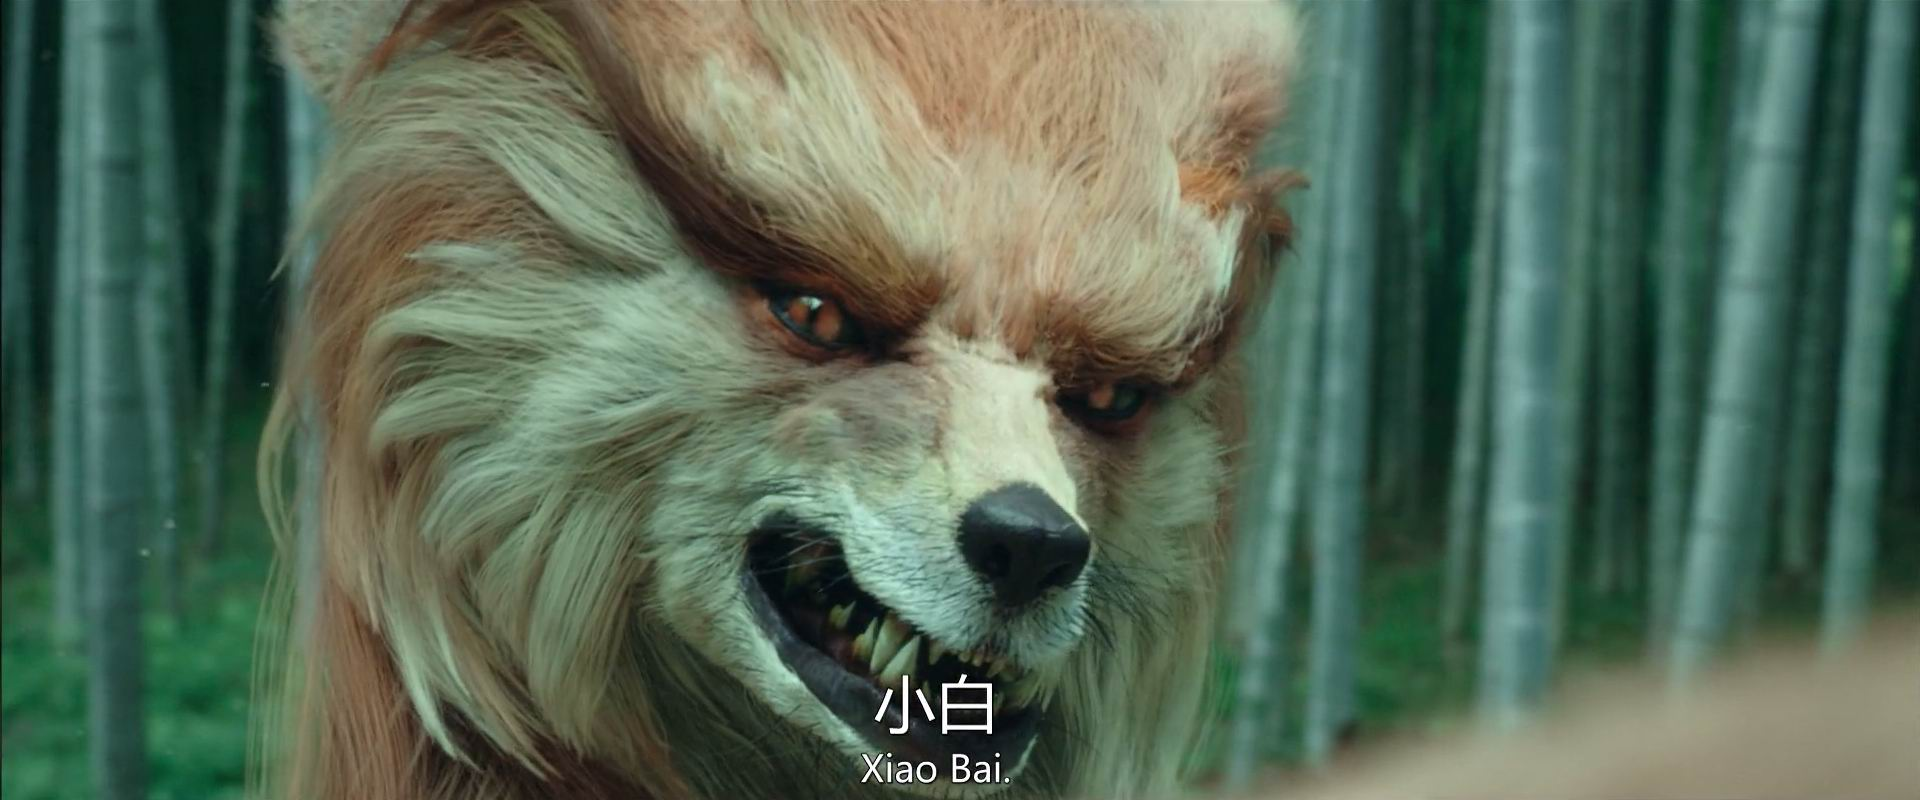 2020陈立农李现喜剧《赤狐书生》HD4K/1080P.国语中字